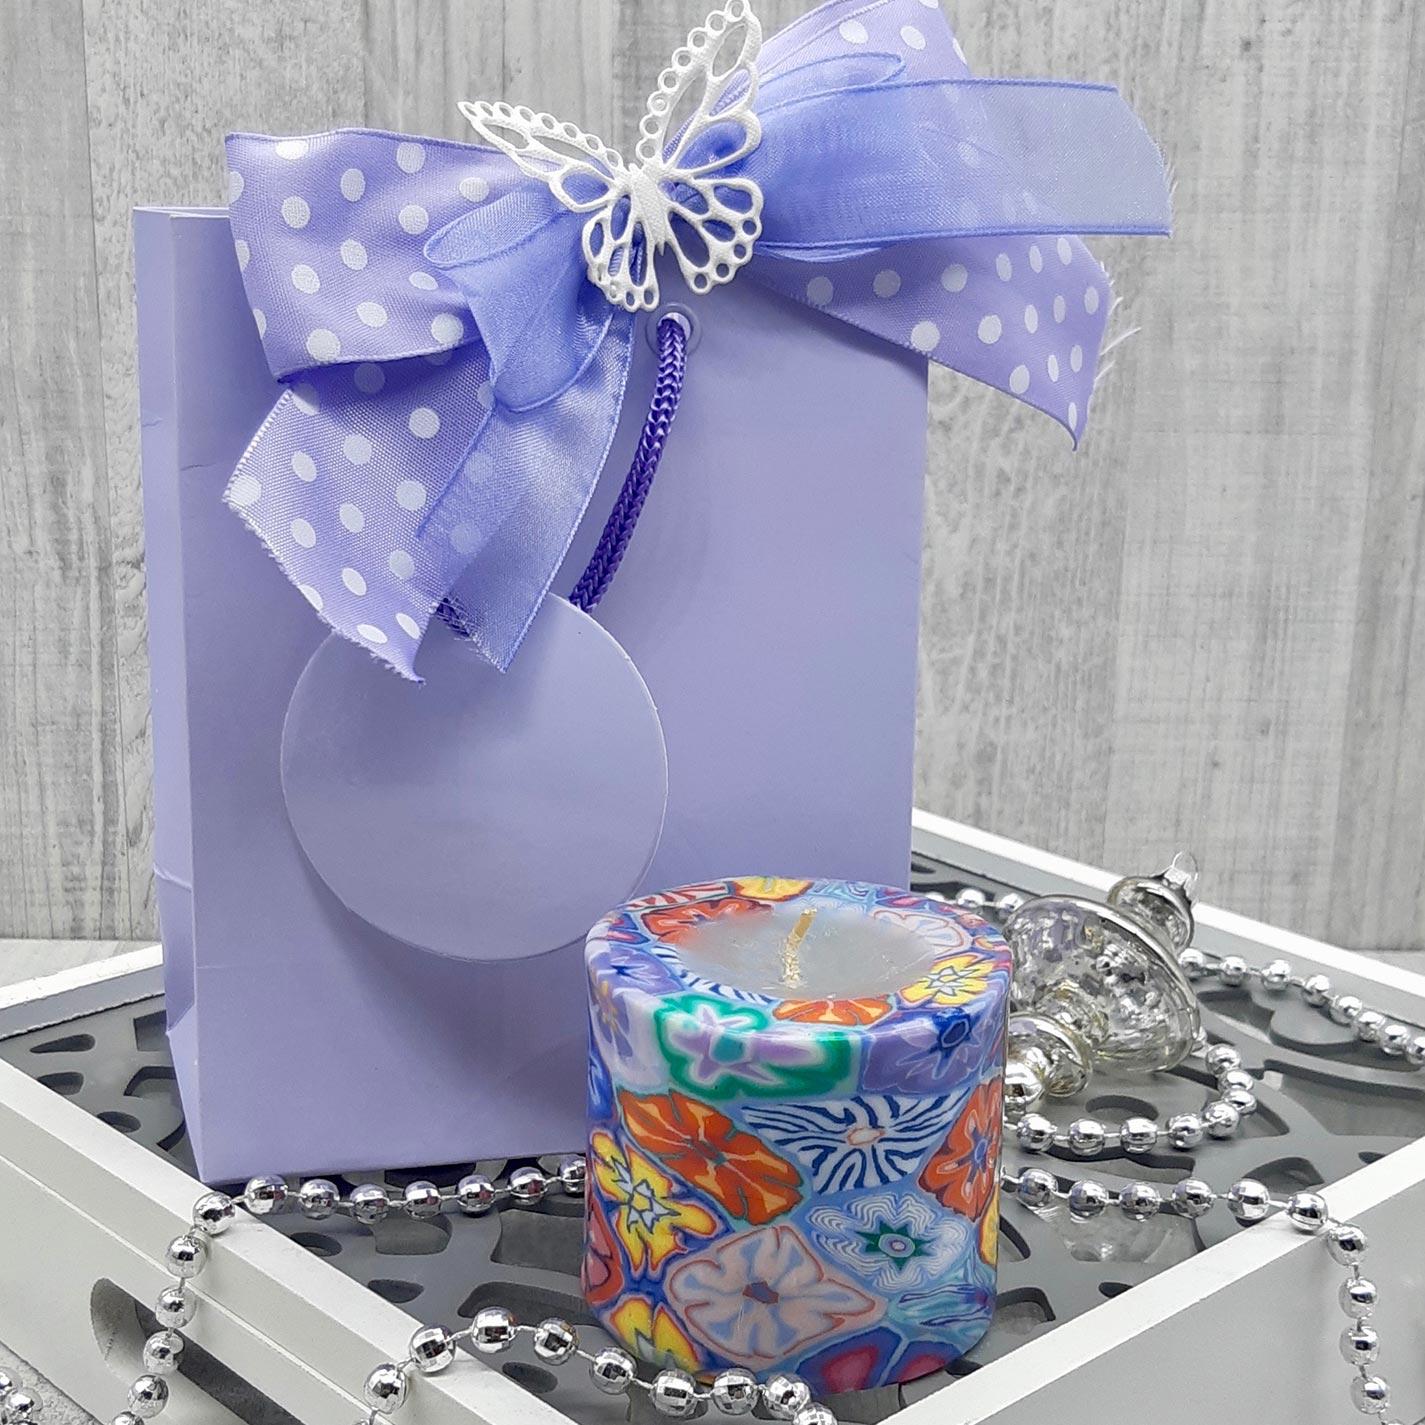 Weihnachtsgeschenke Für Mitarbeiter.Designkerzen Als Geschenke Für Mitarbeiter Kunden Und Klienten